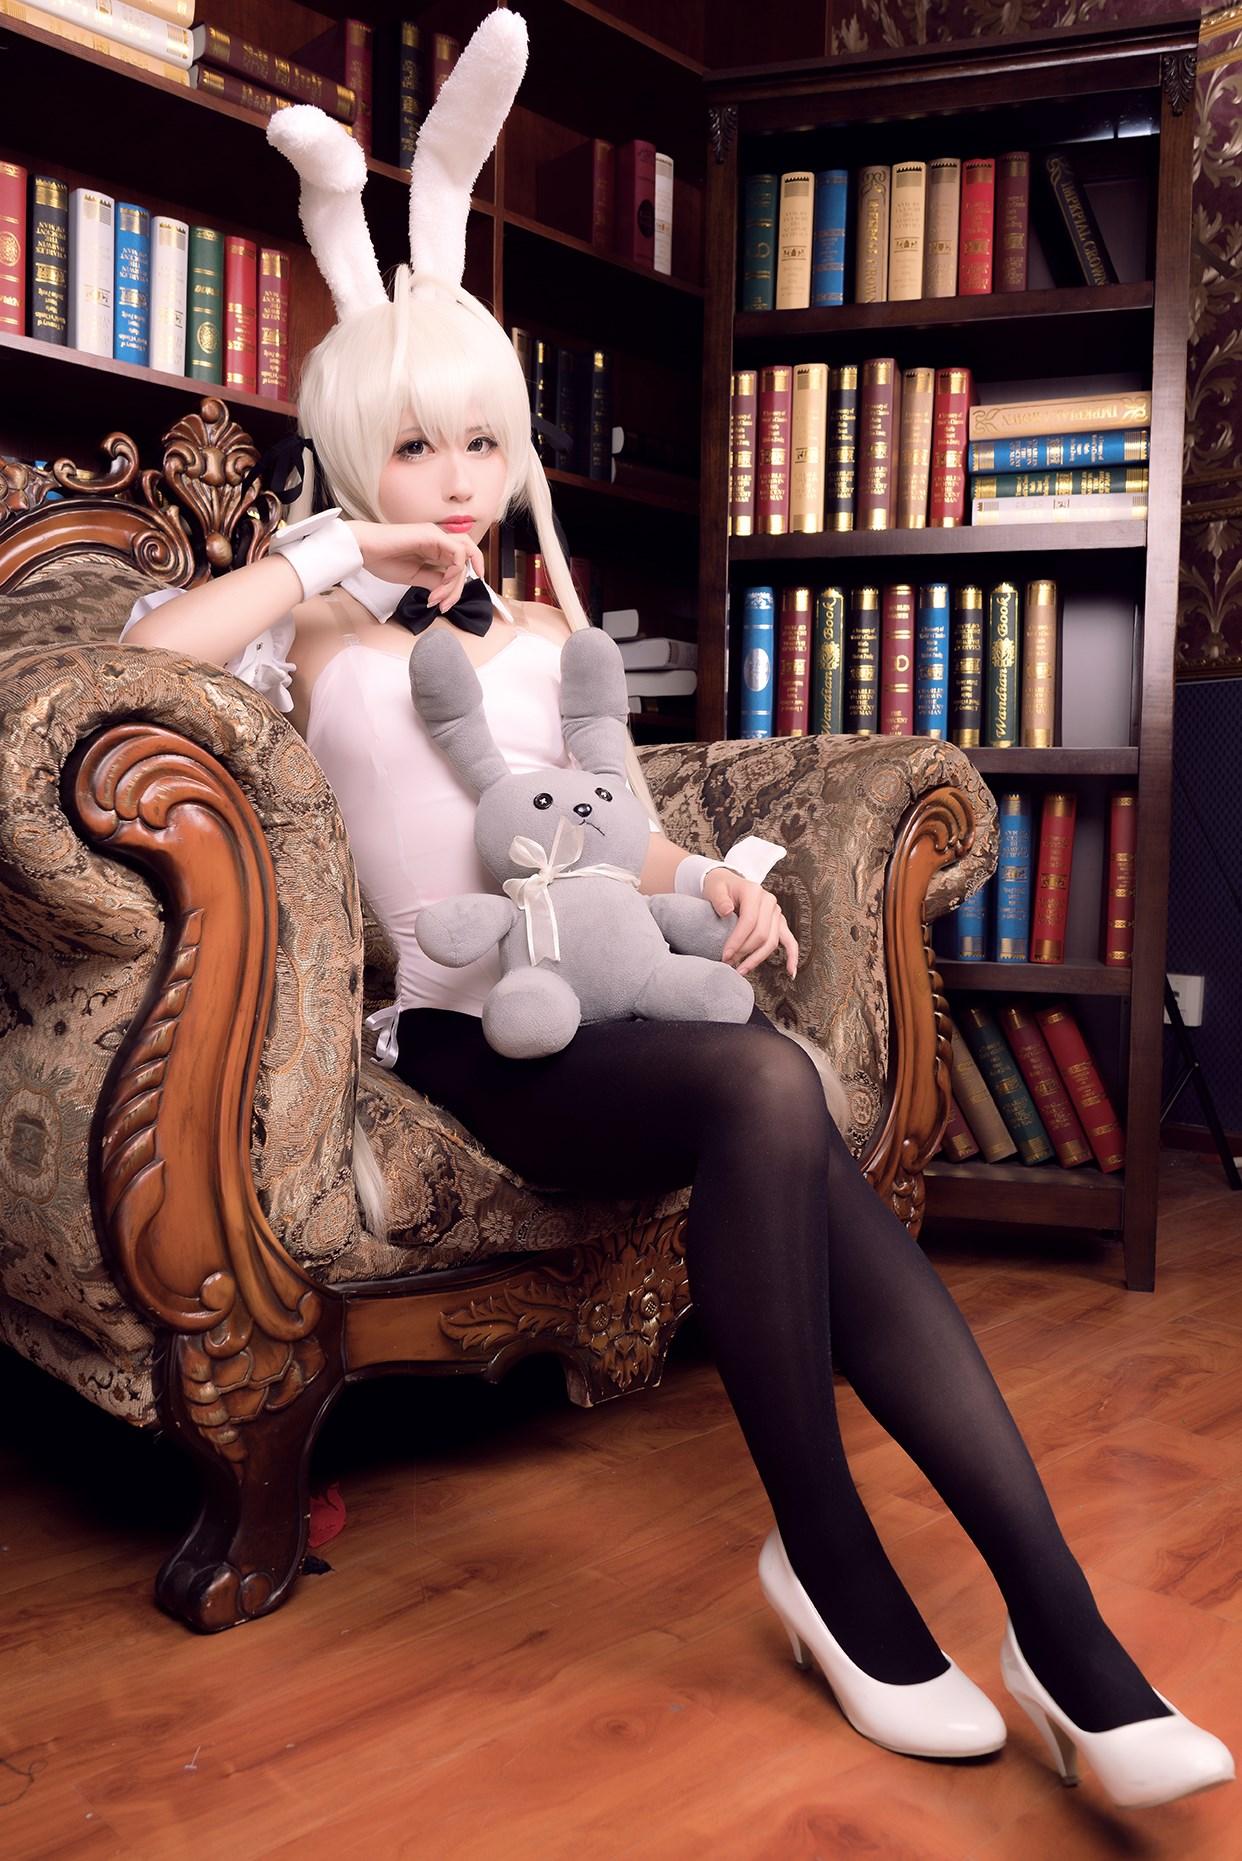 【兔玩映画】兔女郎vol.15-穹妹 兔玩映画 第6张